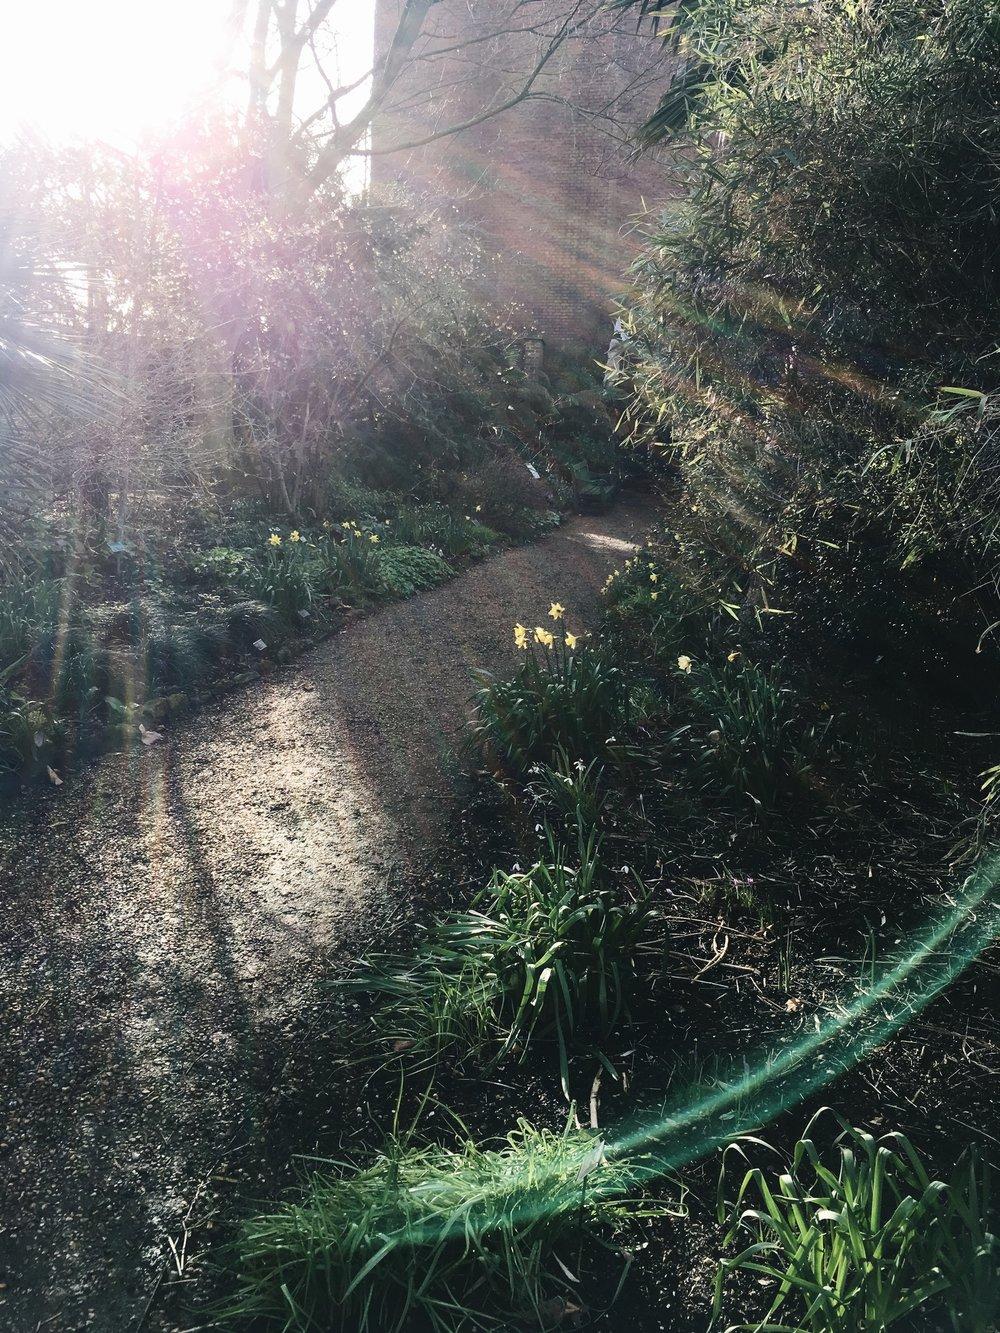 Chelsea-phsysic-garden-eva-nemeth_12b_JPG.jpg